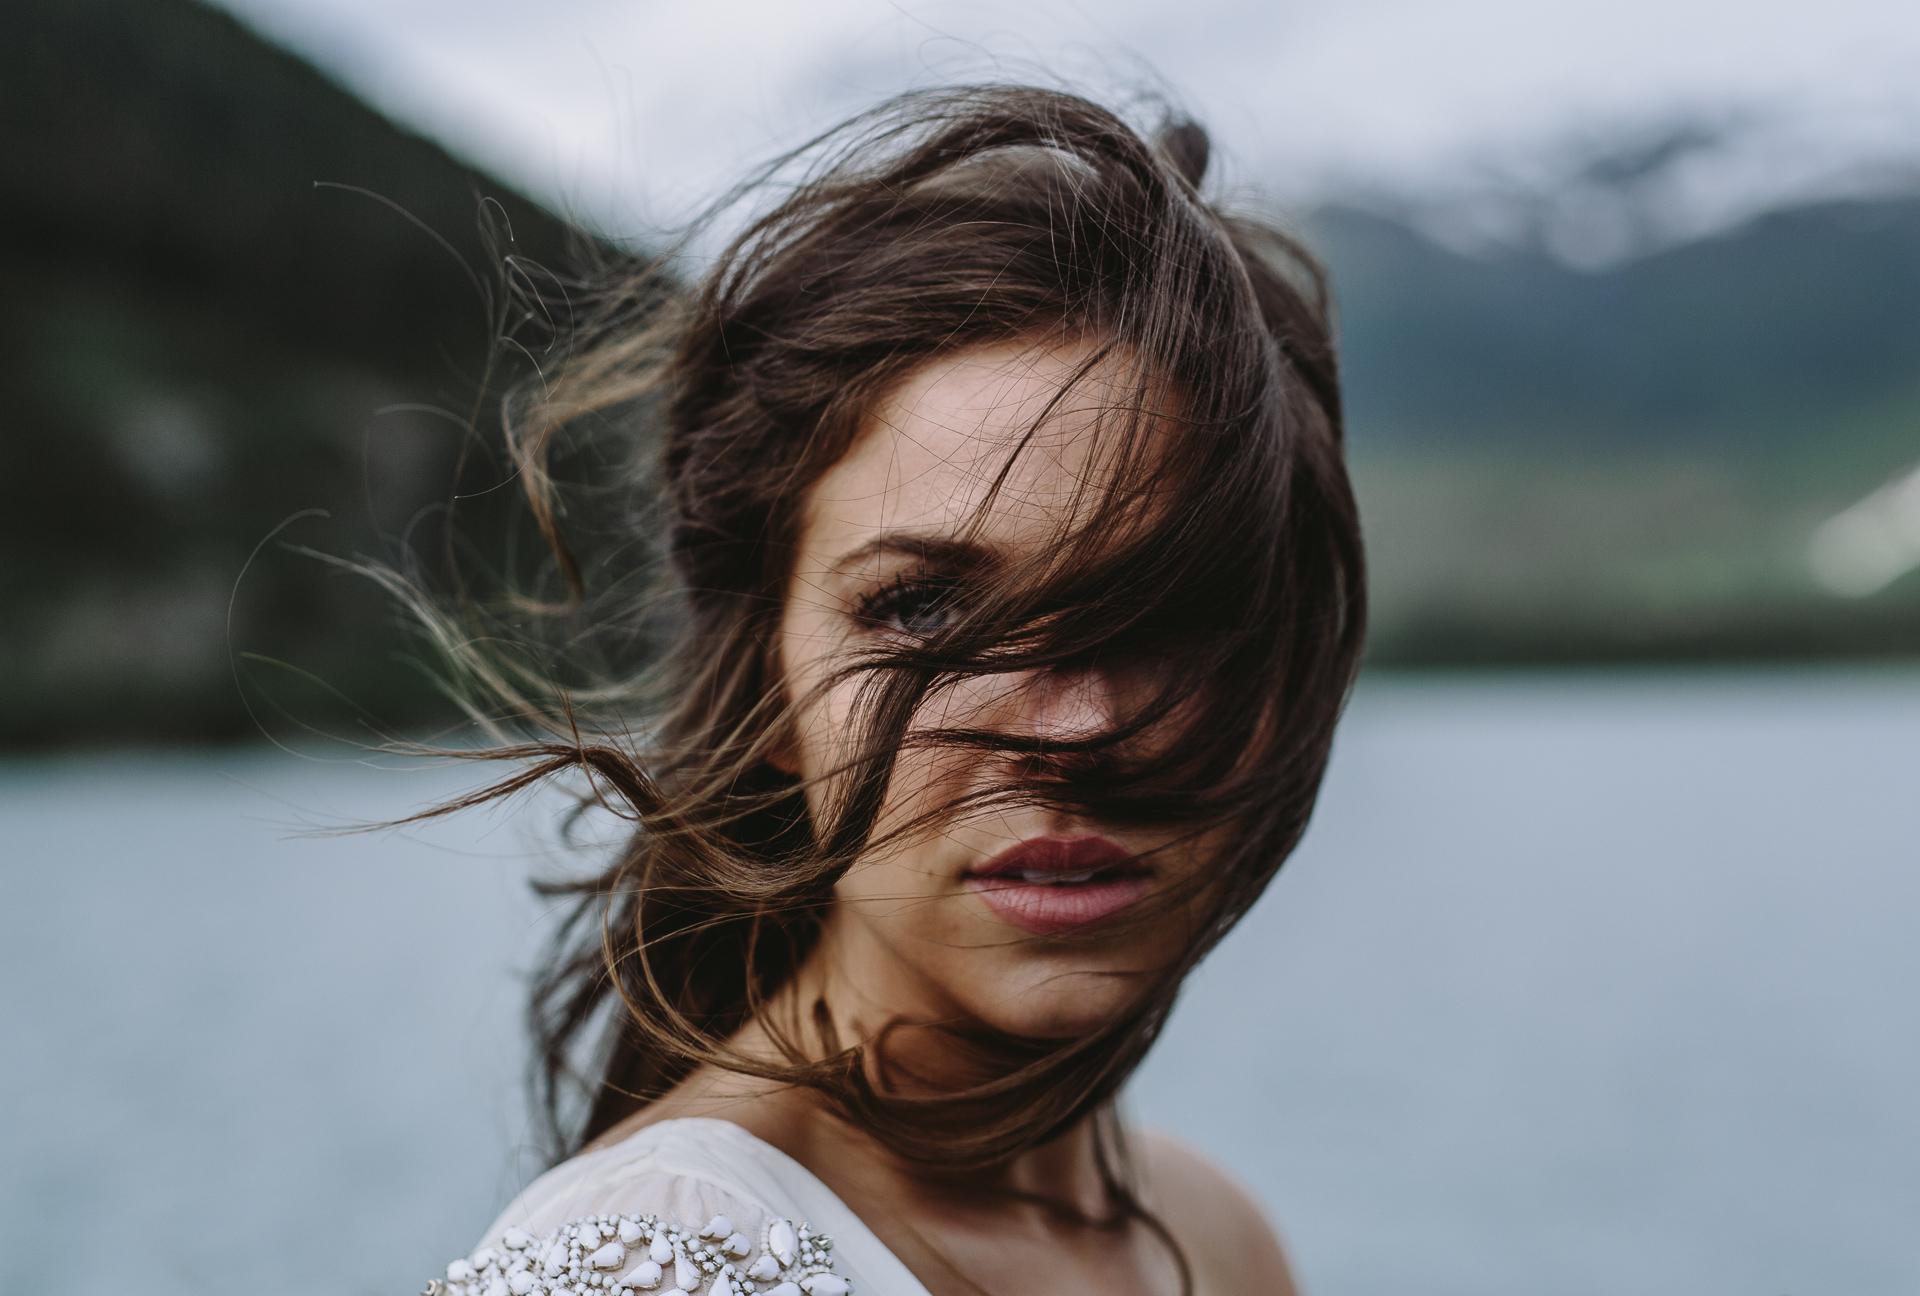 jess-hunter-photographer-alaska-destination-elopement-5809.jpg